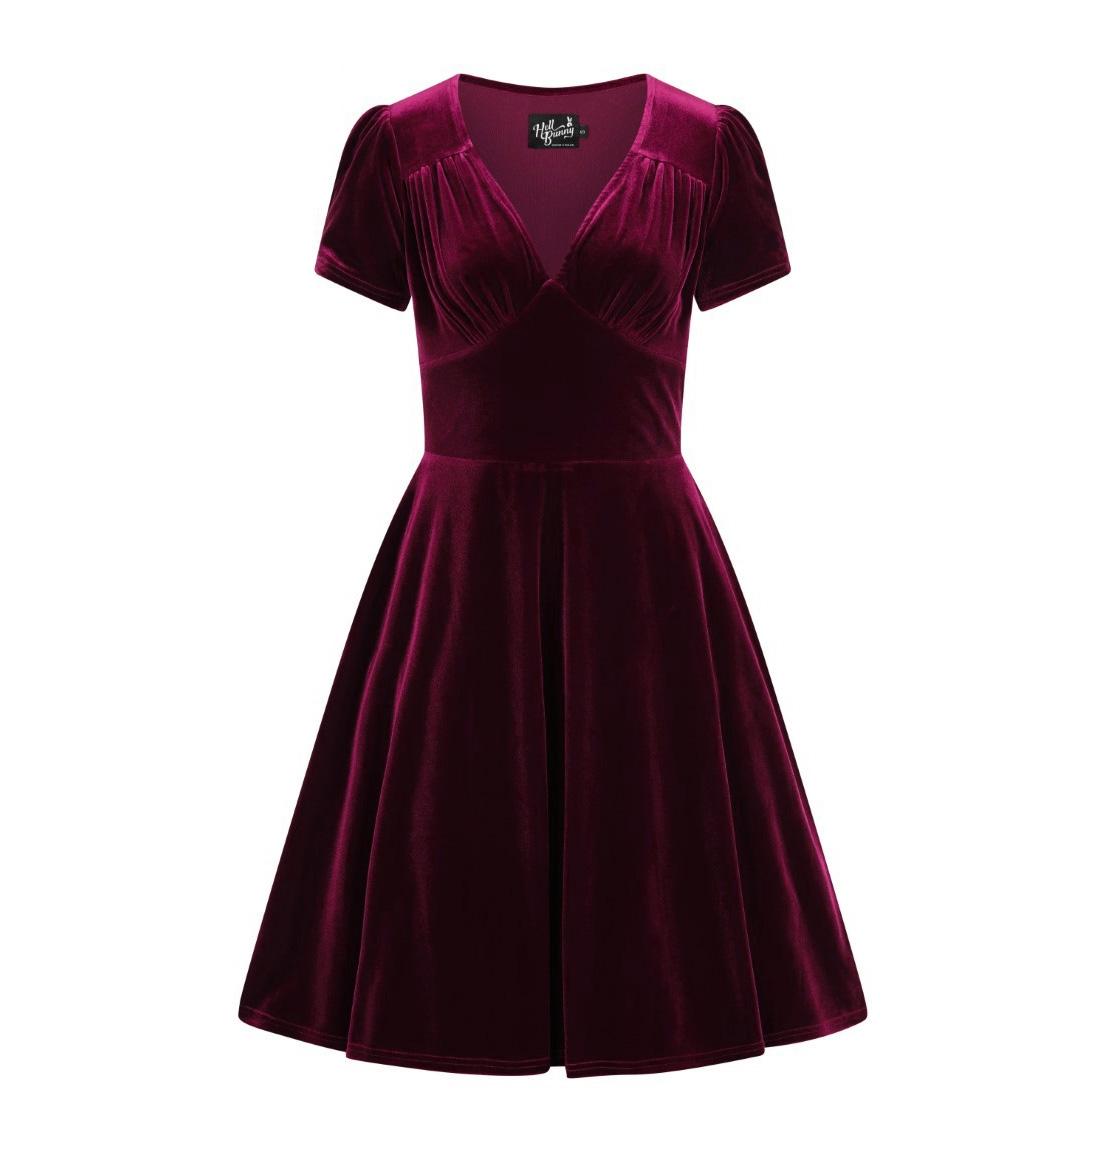 Hell-Bunny-40s-50s-Elegant-Pin-Up-Dress-JOANNE-Crushed-Velvet-Burgundy-All-Sizes thumbnail 17